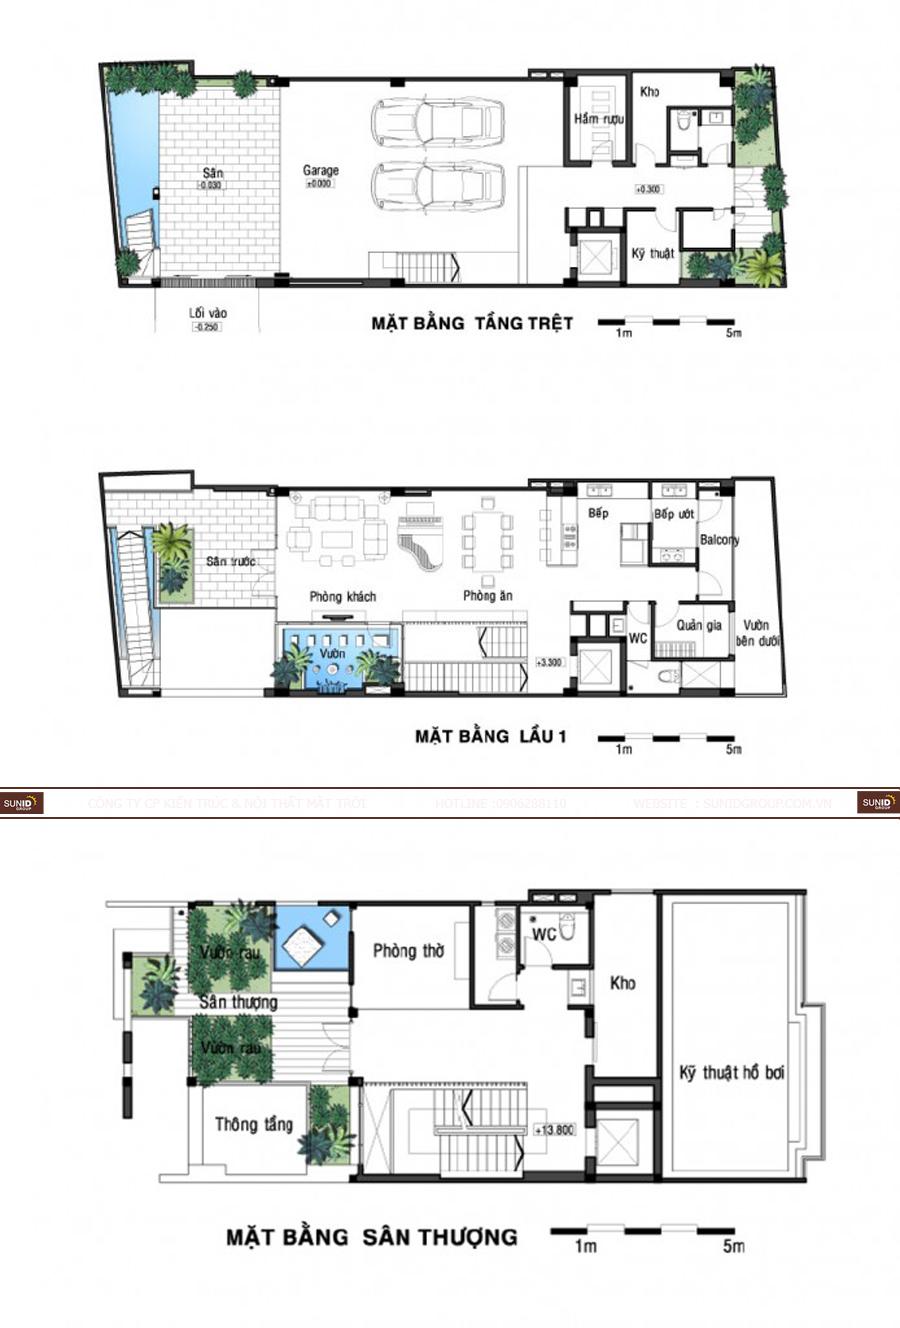 Thiết kê kiến trúc và nội thất biệt thự tại Hải Phòng